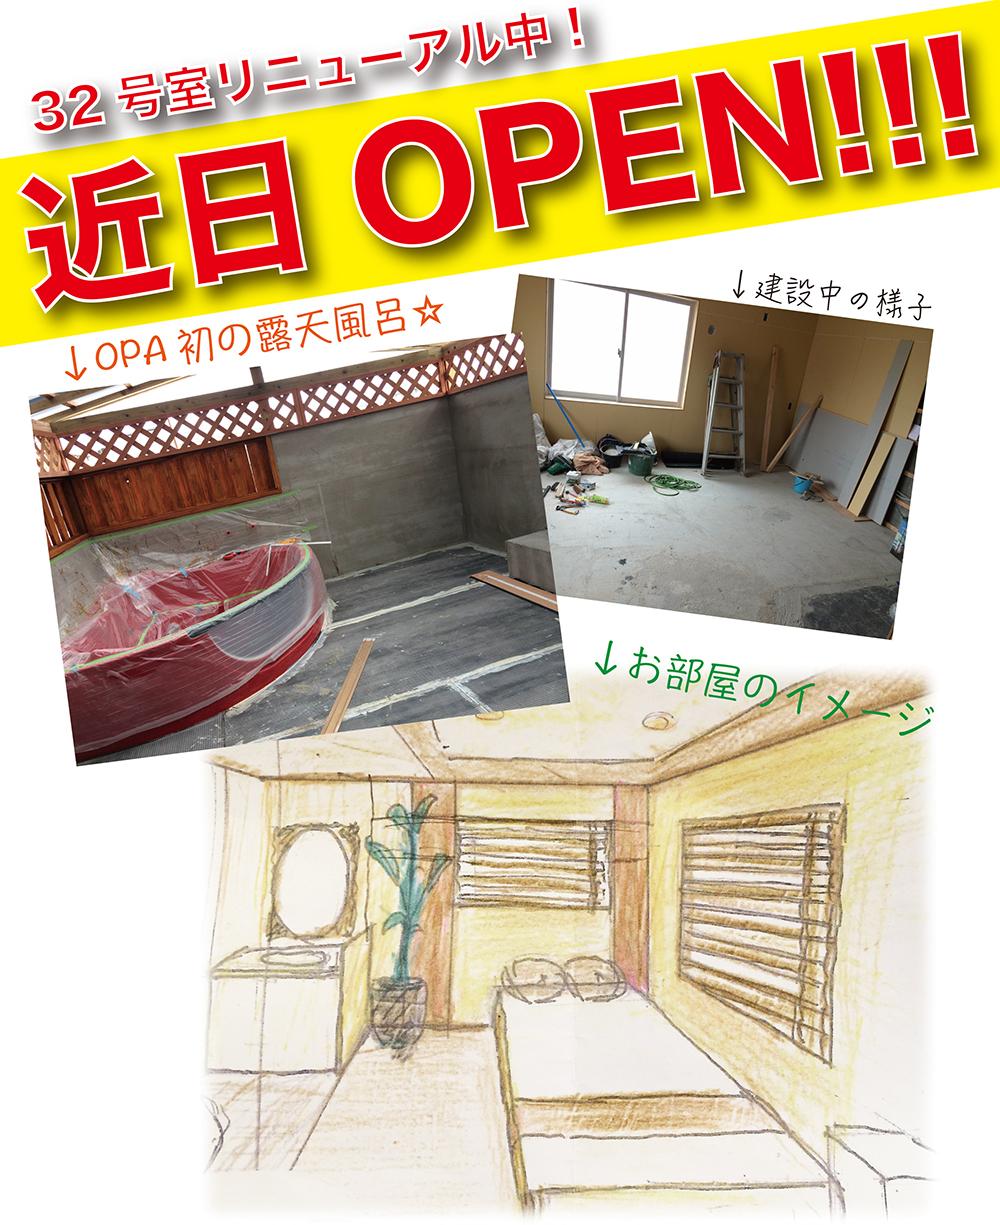 4月下旬OPEN予定!32号室リニューアル中